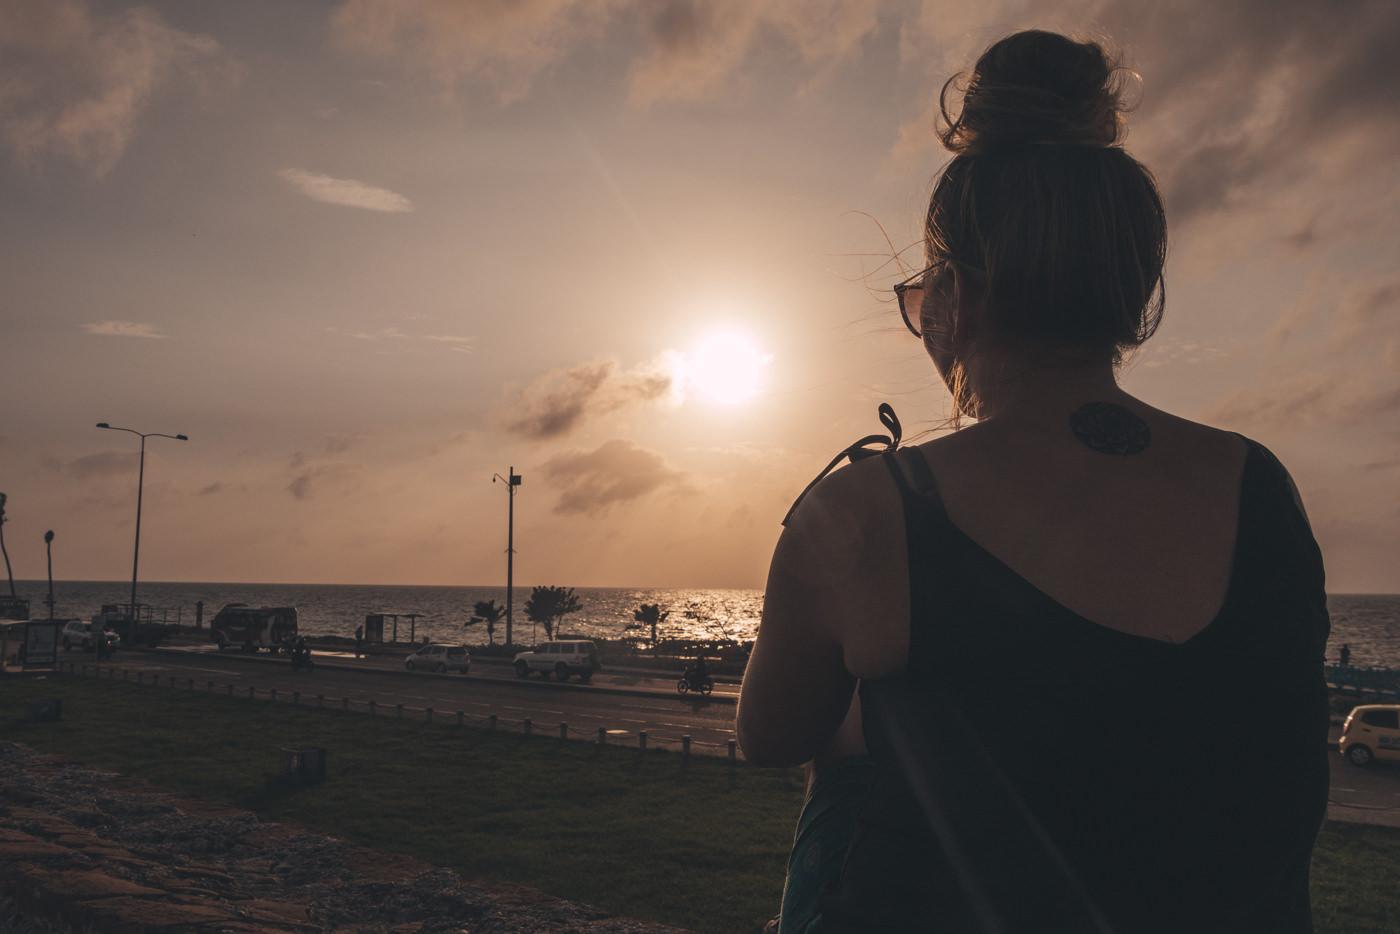 Julia genießt den Sonnenuntergang in Cartagena